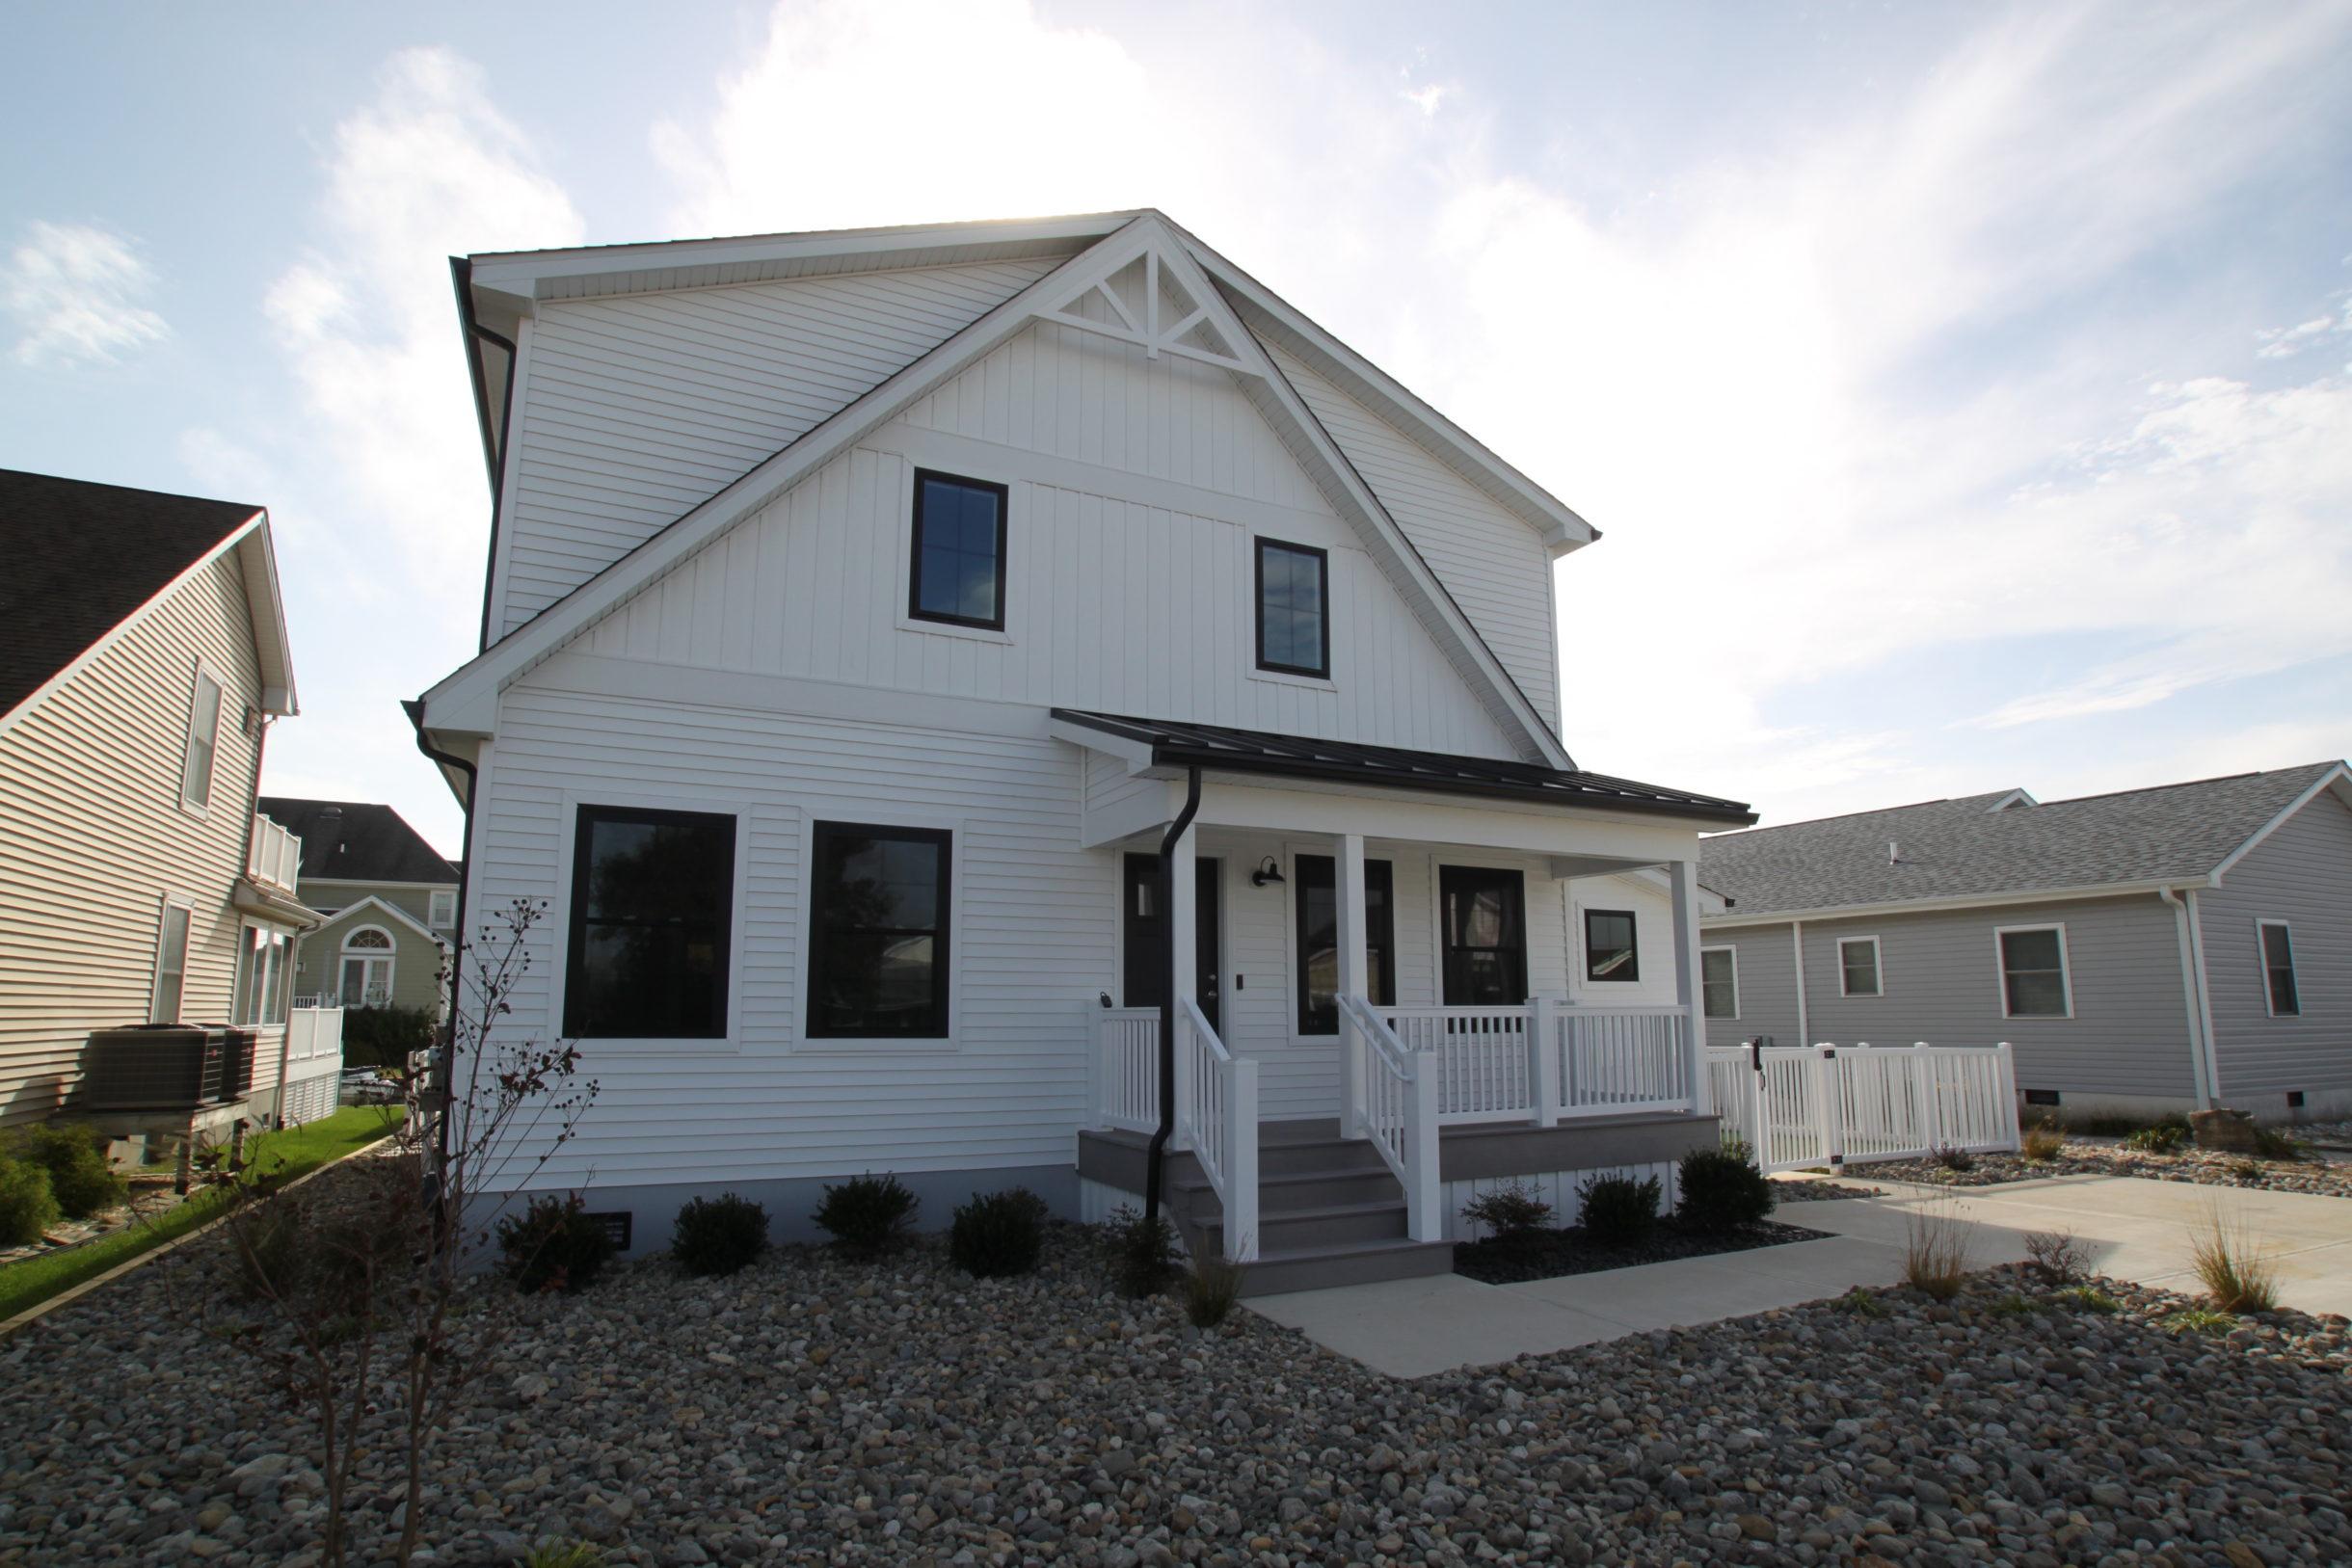 Resort Homes Custom Home Builders In Ocean City Maryland